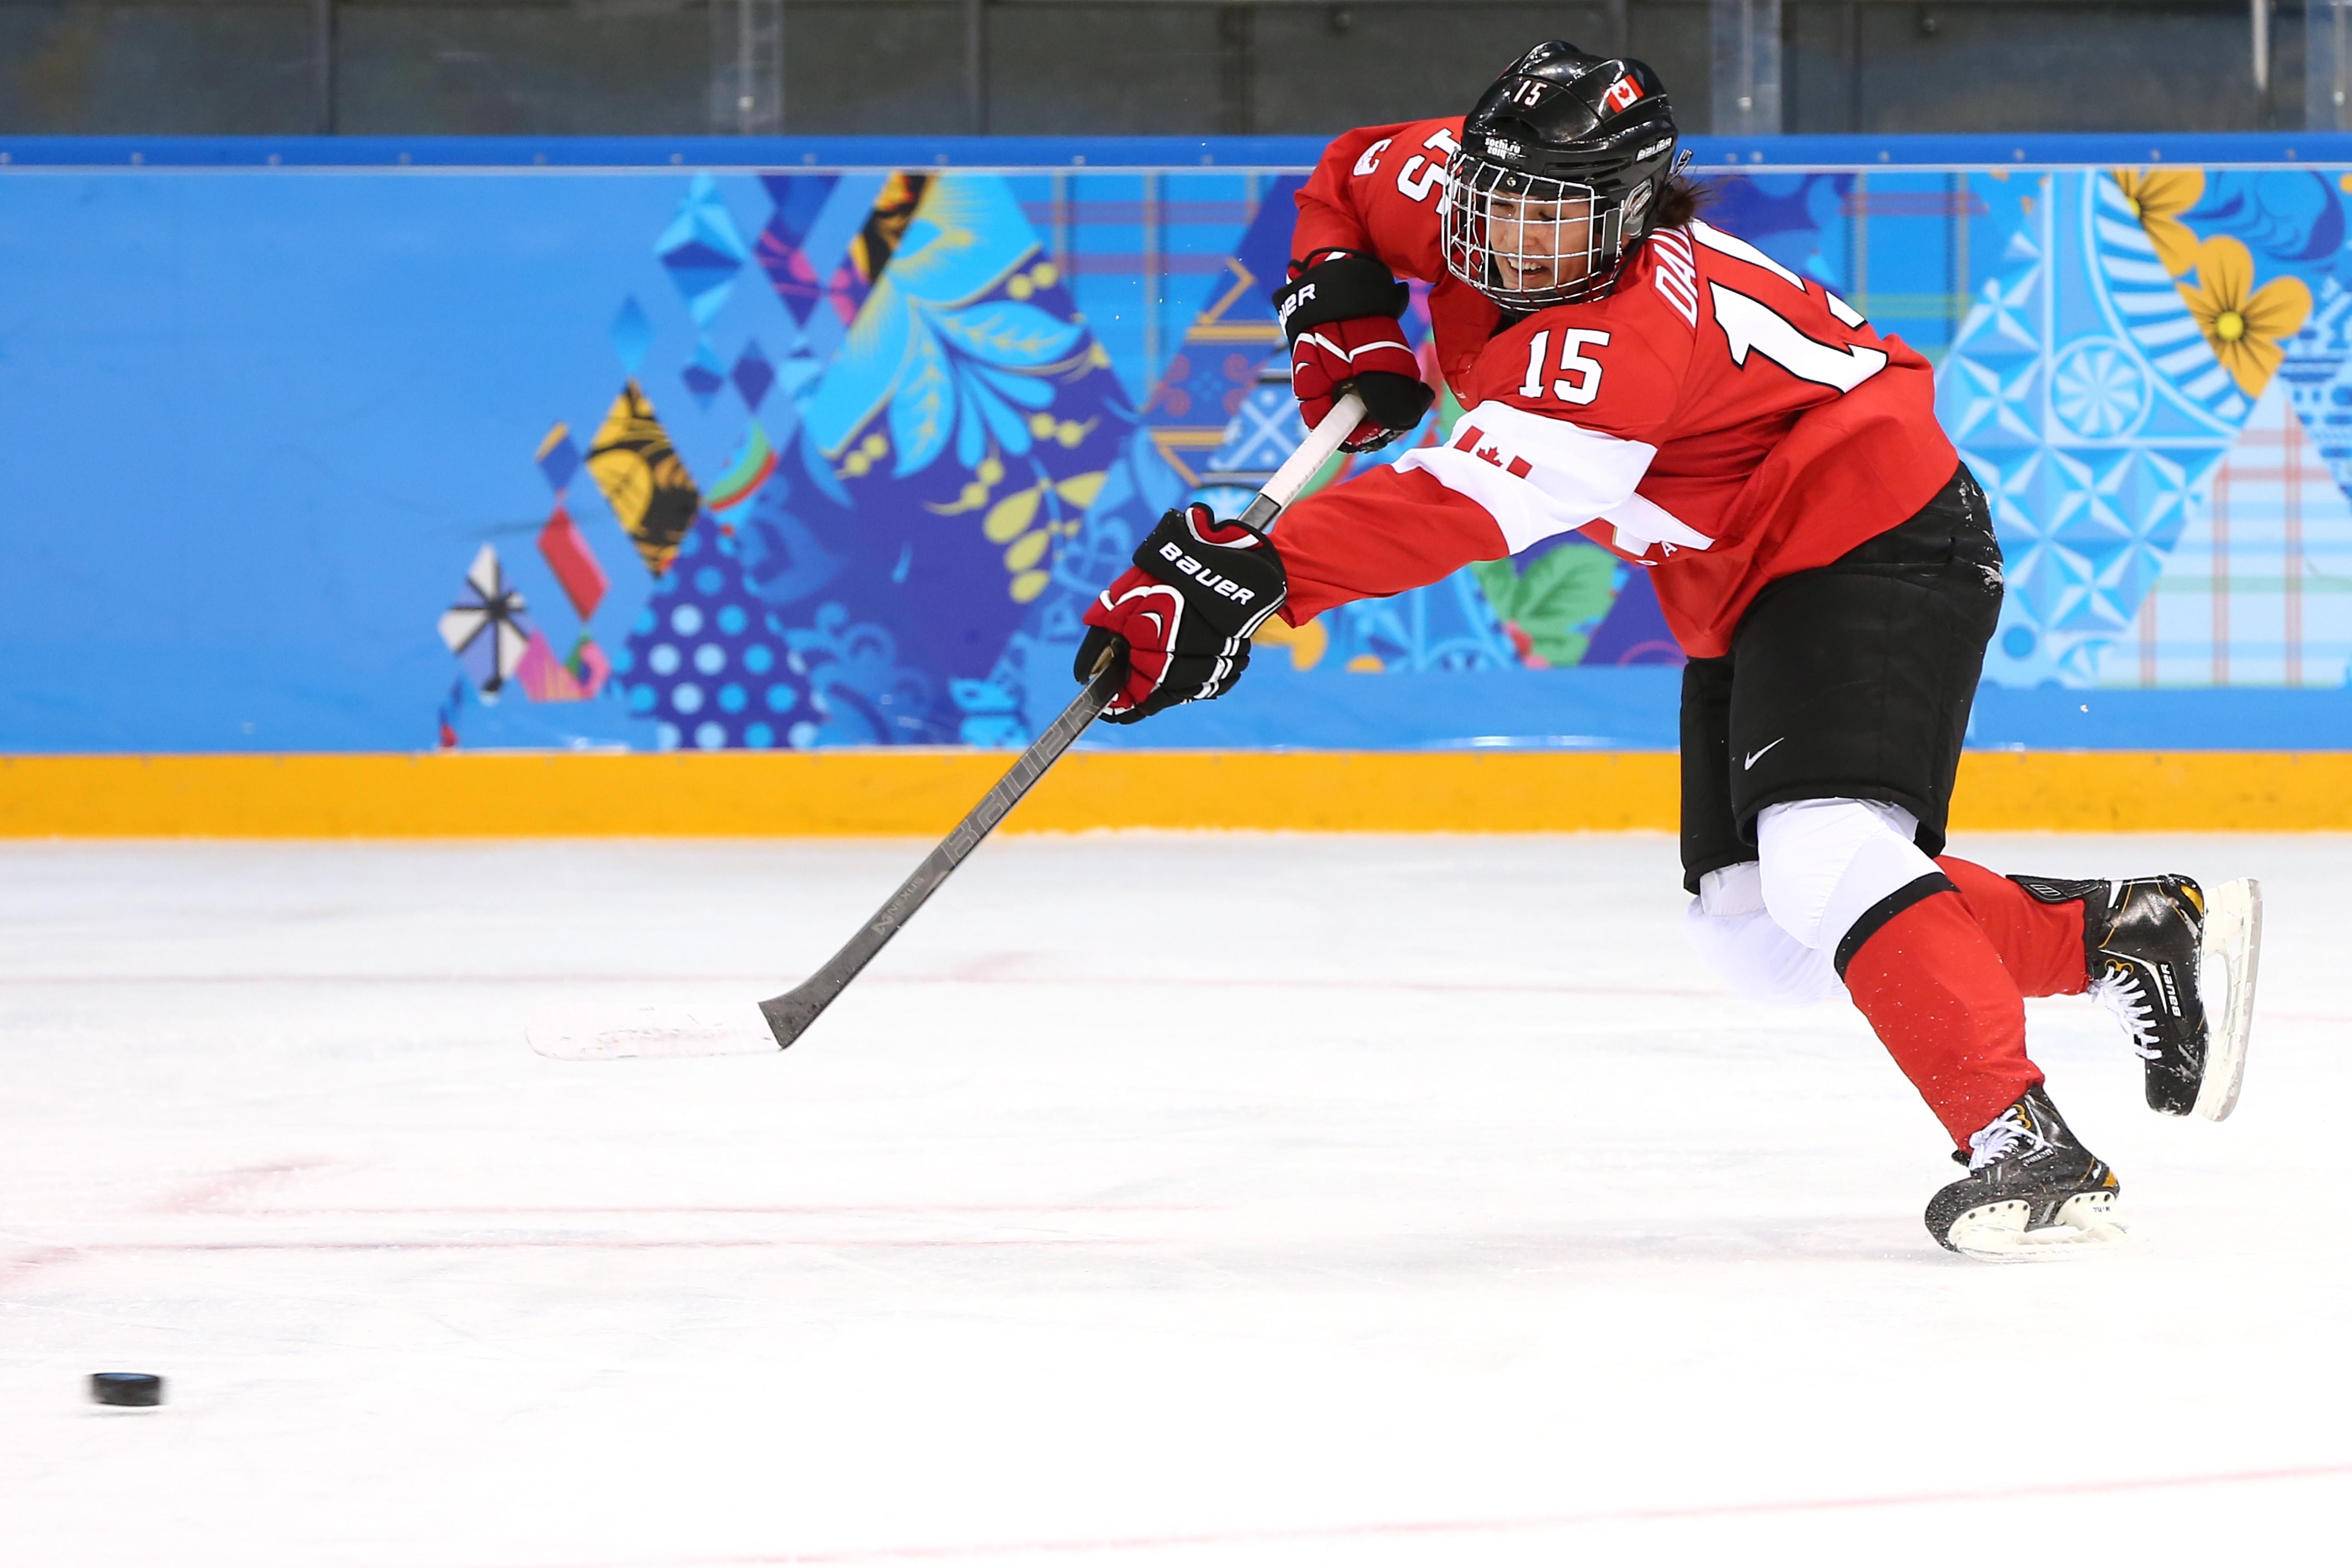 Ice Hockey - Winter Olympics Day 3 - Finland v Canada